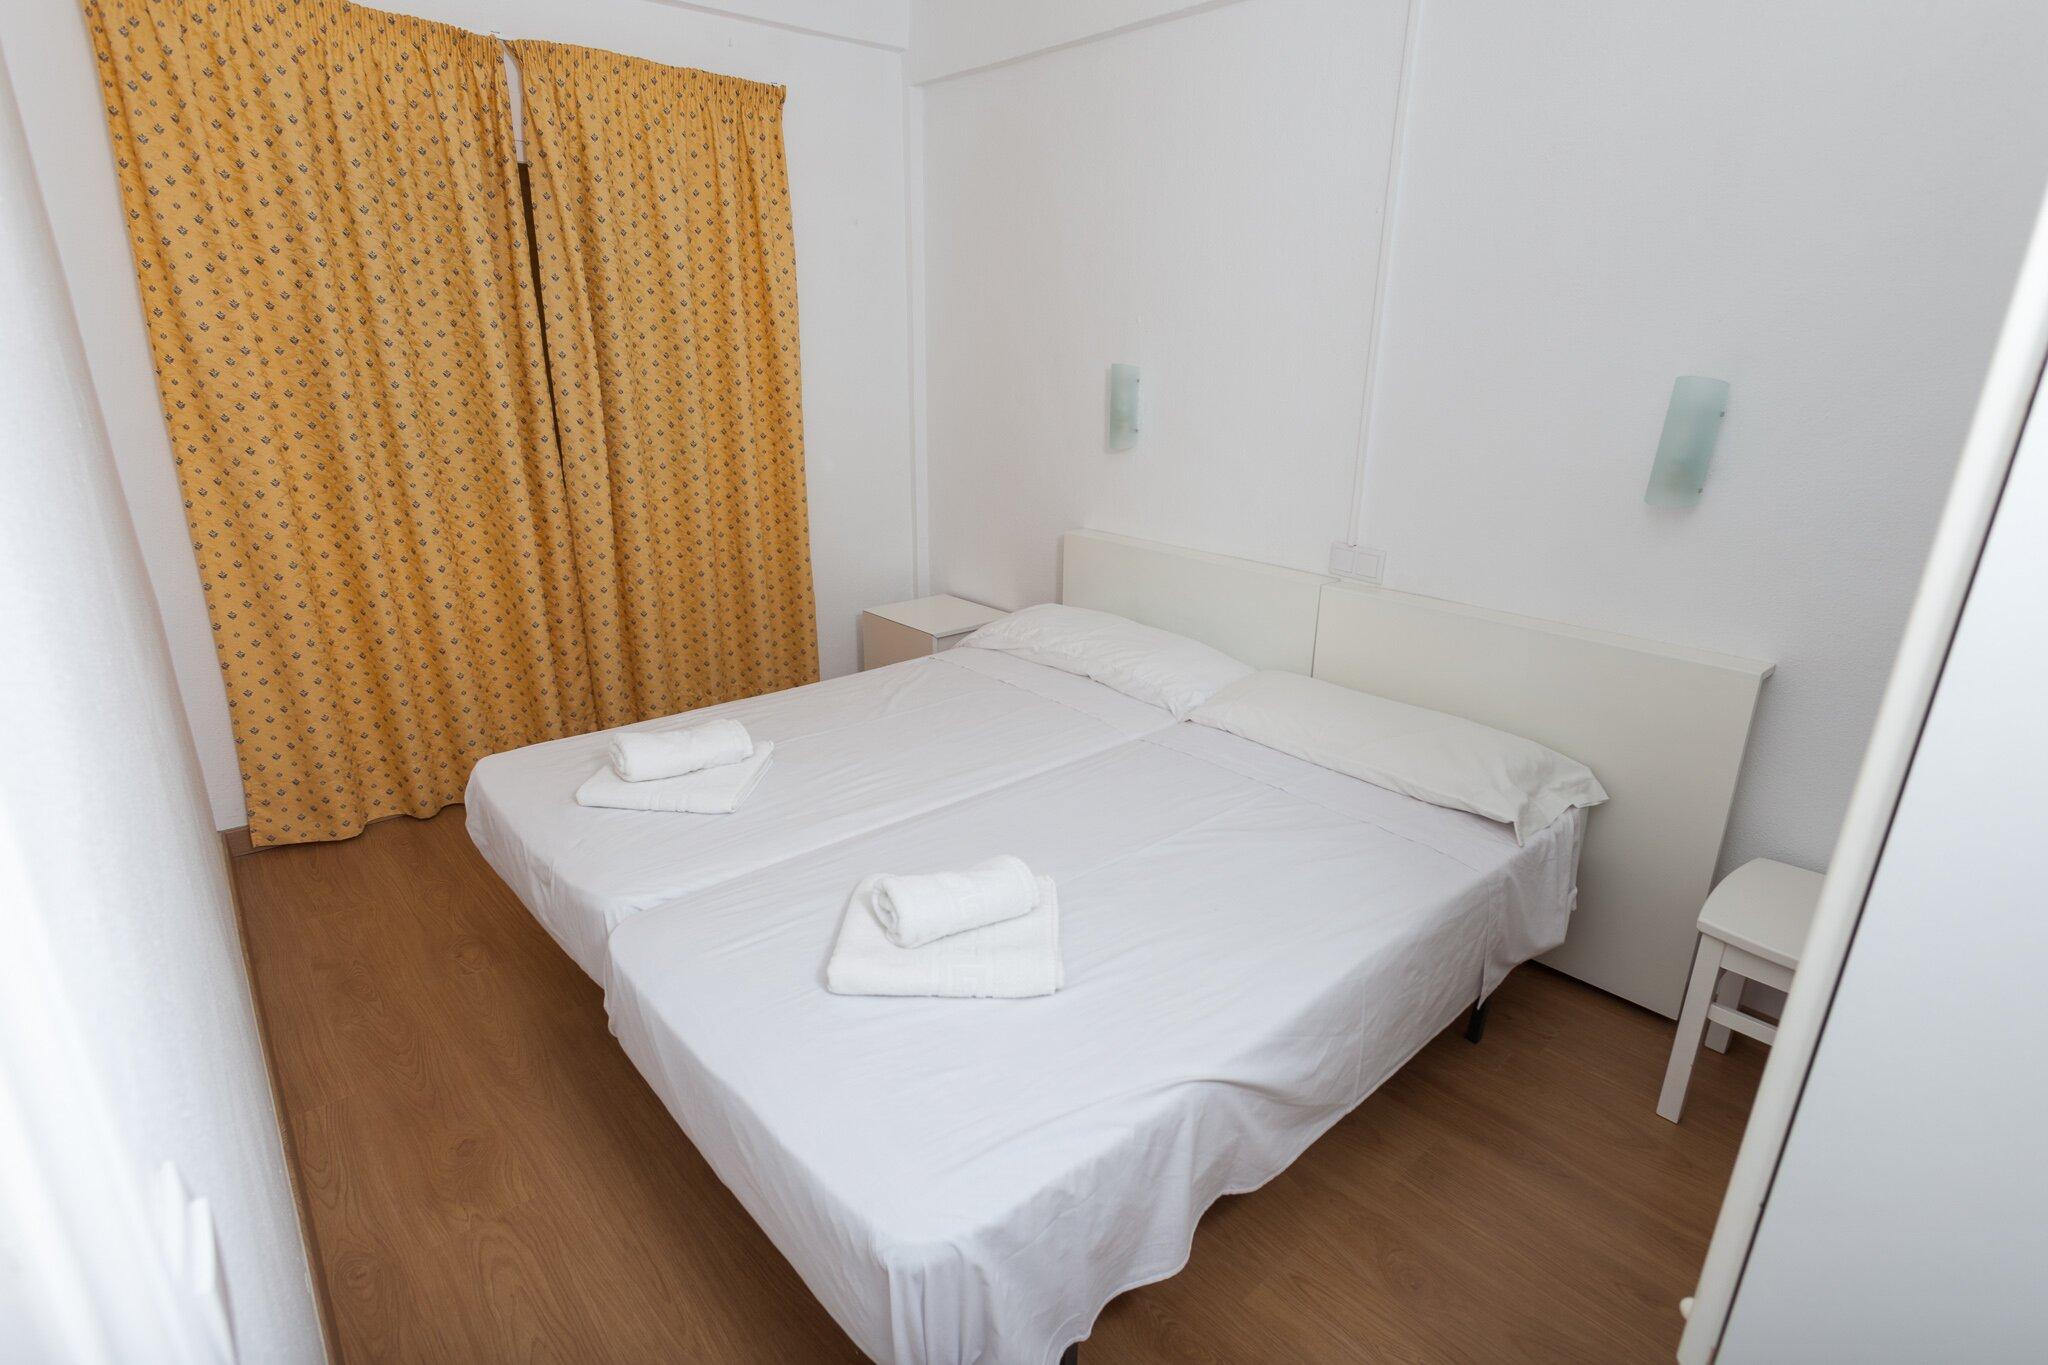 Zusatzbild Nr. 01 von Apartamentos Pizá